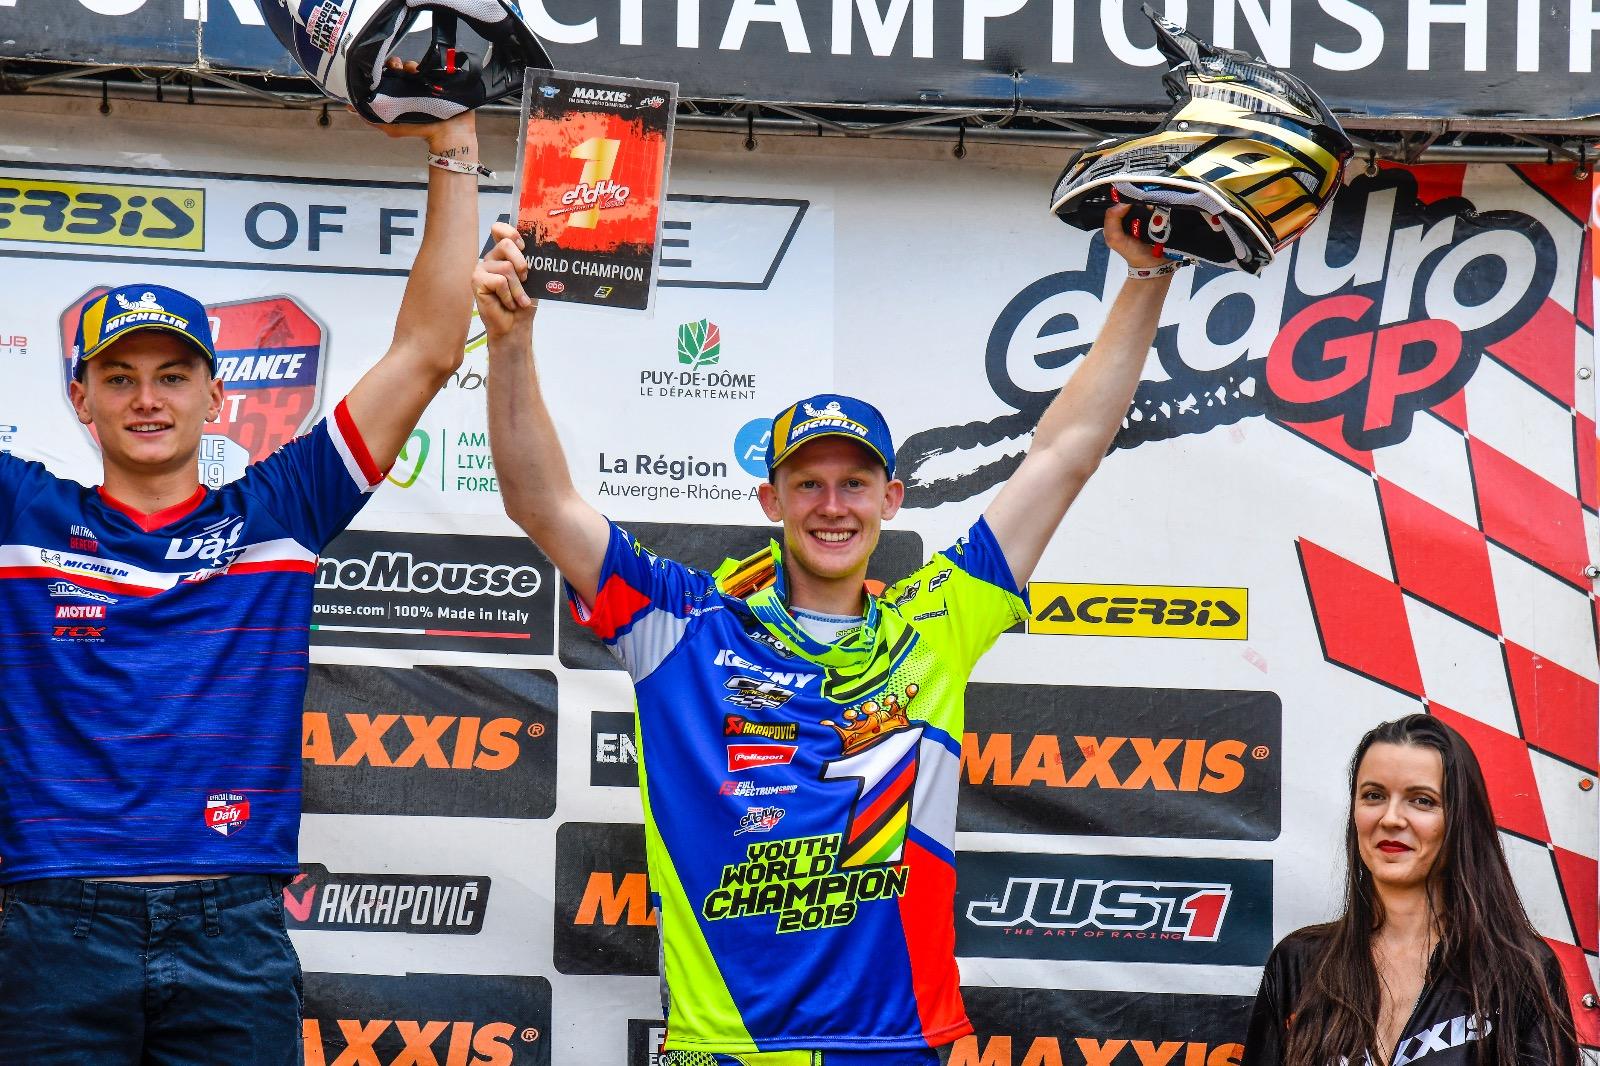 A Sherco csapat Amertben járt, a 2019-es Enduro GP utolsó versenyén (21)